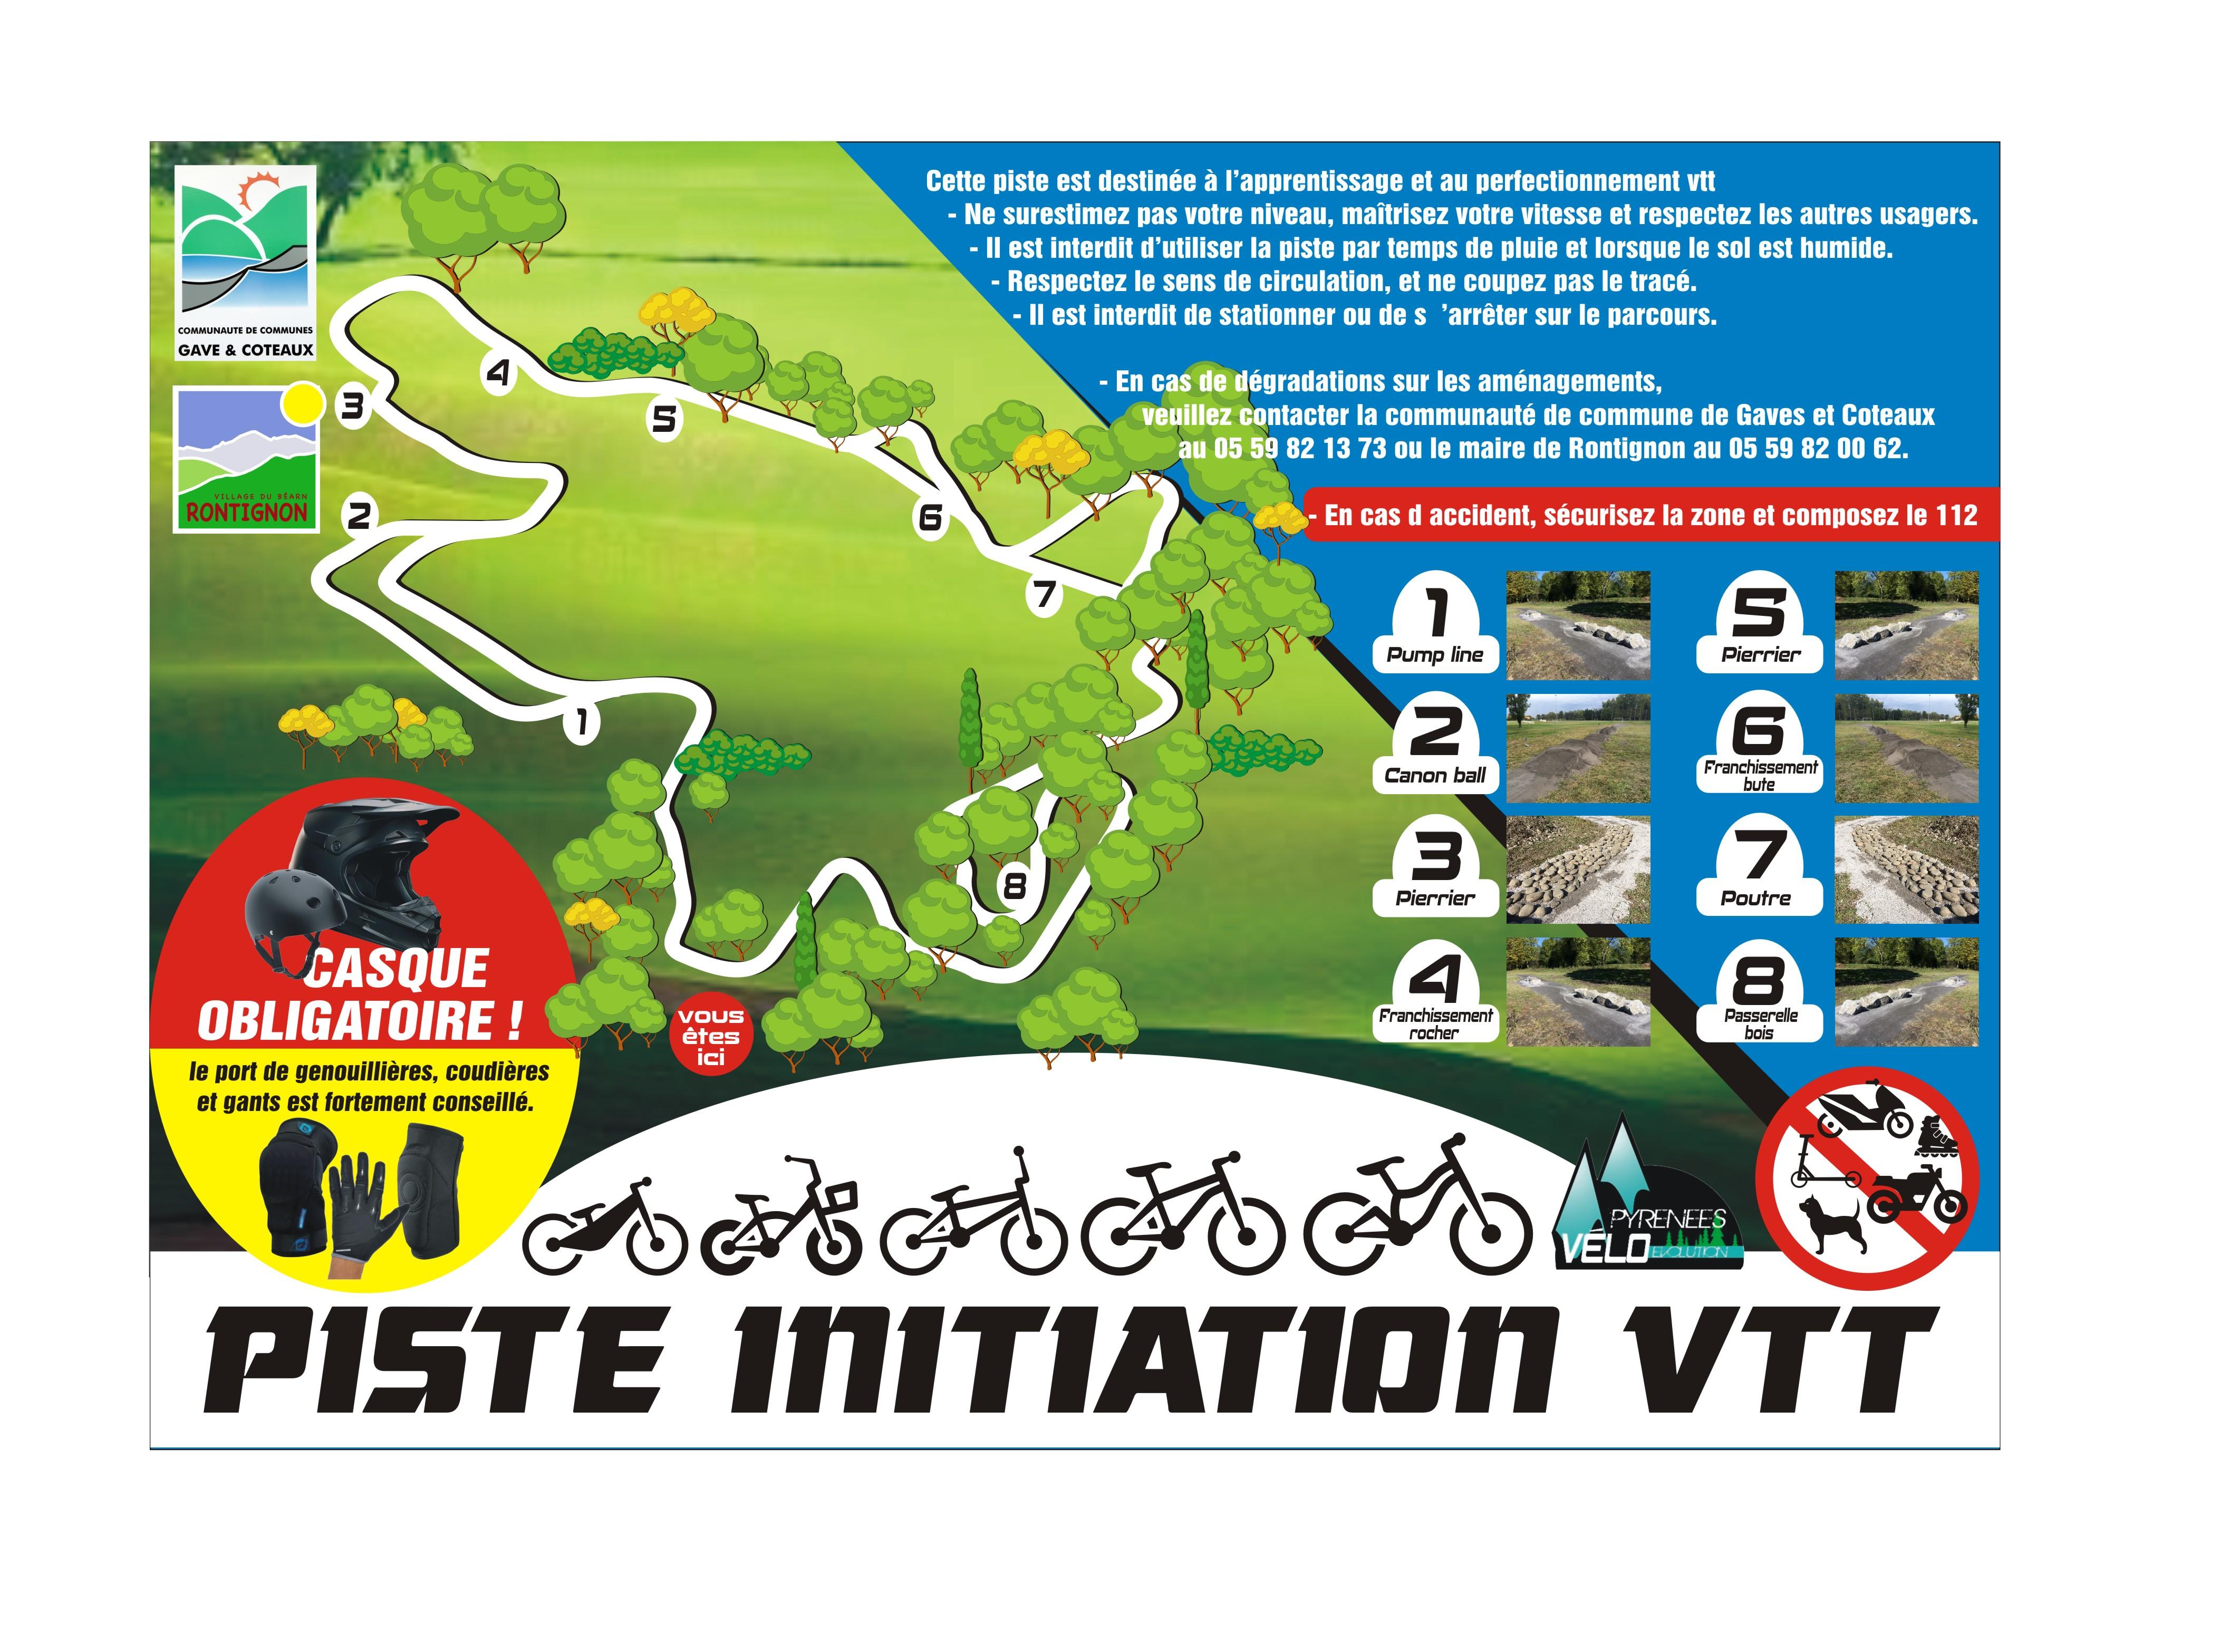 vtt initiation